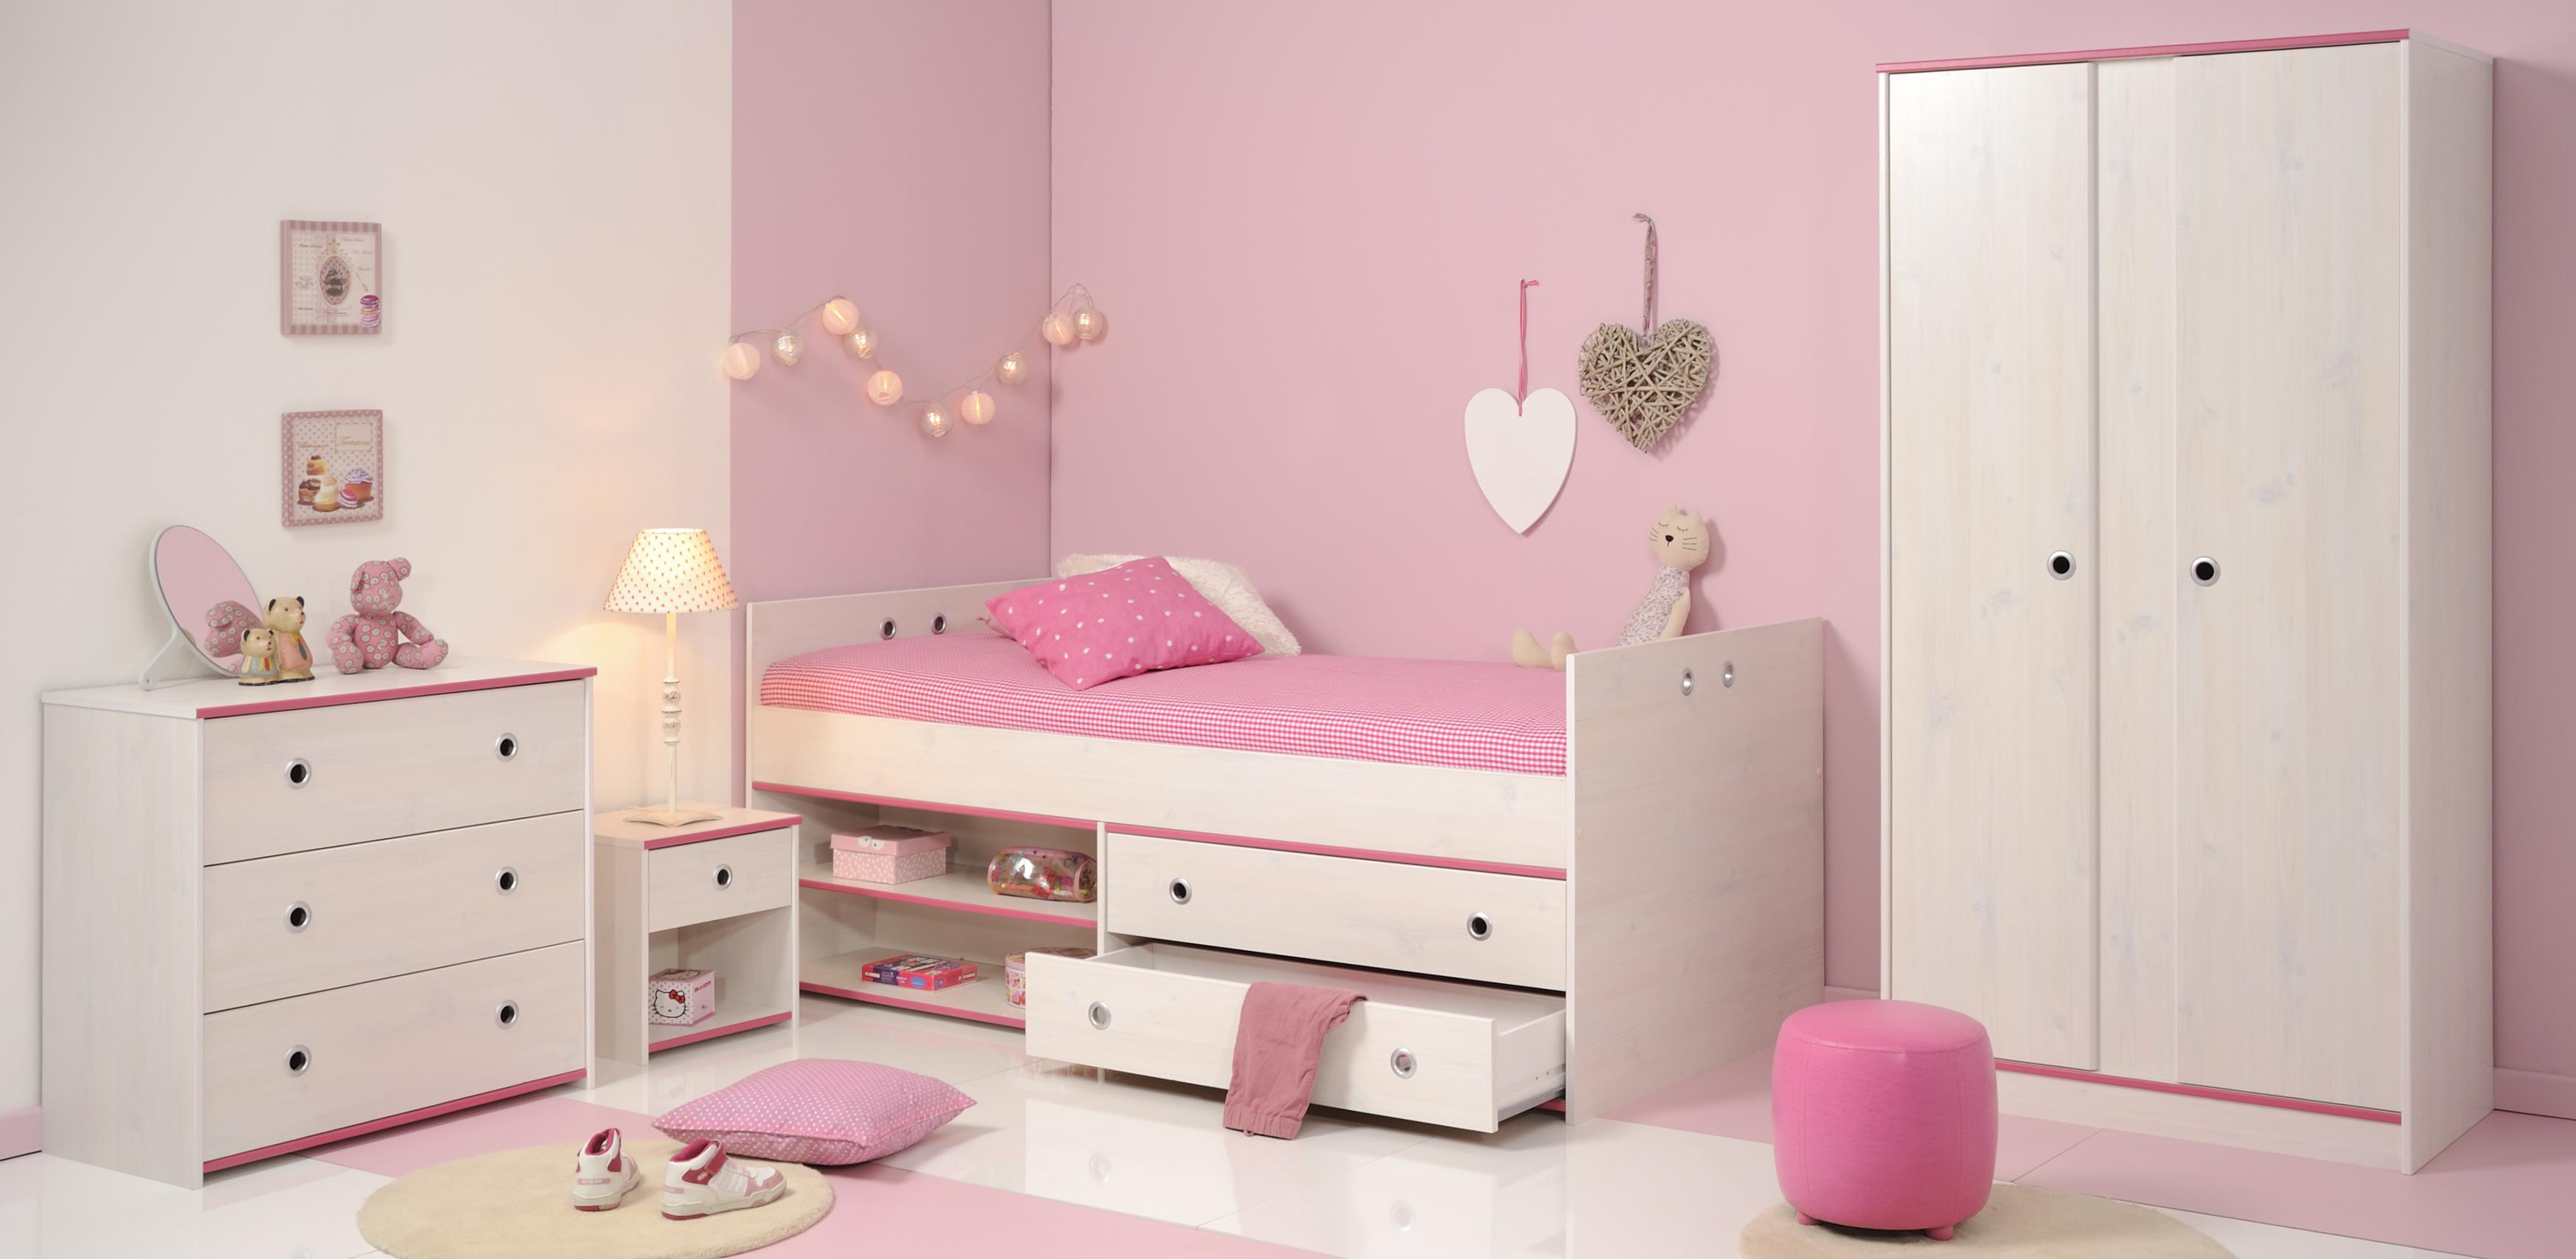 schlafzimmer 4 tlg inkl 90x200 stauraumbett u 2 trg kleiderschrank smoozy 21b von parisot. Black Bedroom Furniture Sets. Home Design Ideas